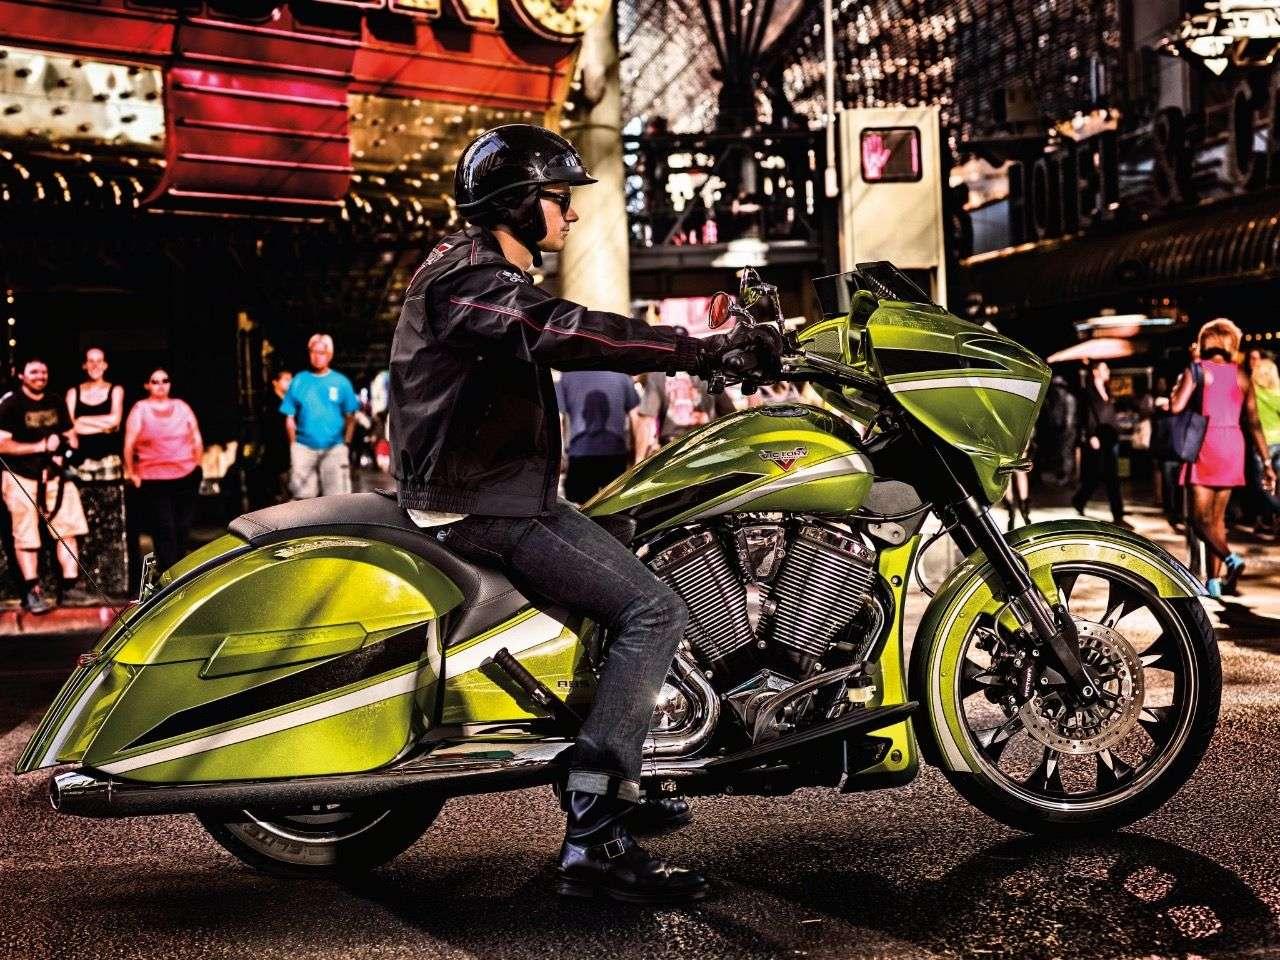 Imposante Bikes waren das! Hier die Victory Magnum Bagger aus 2014.